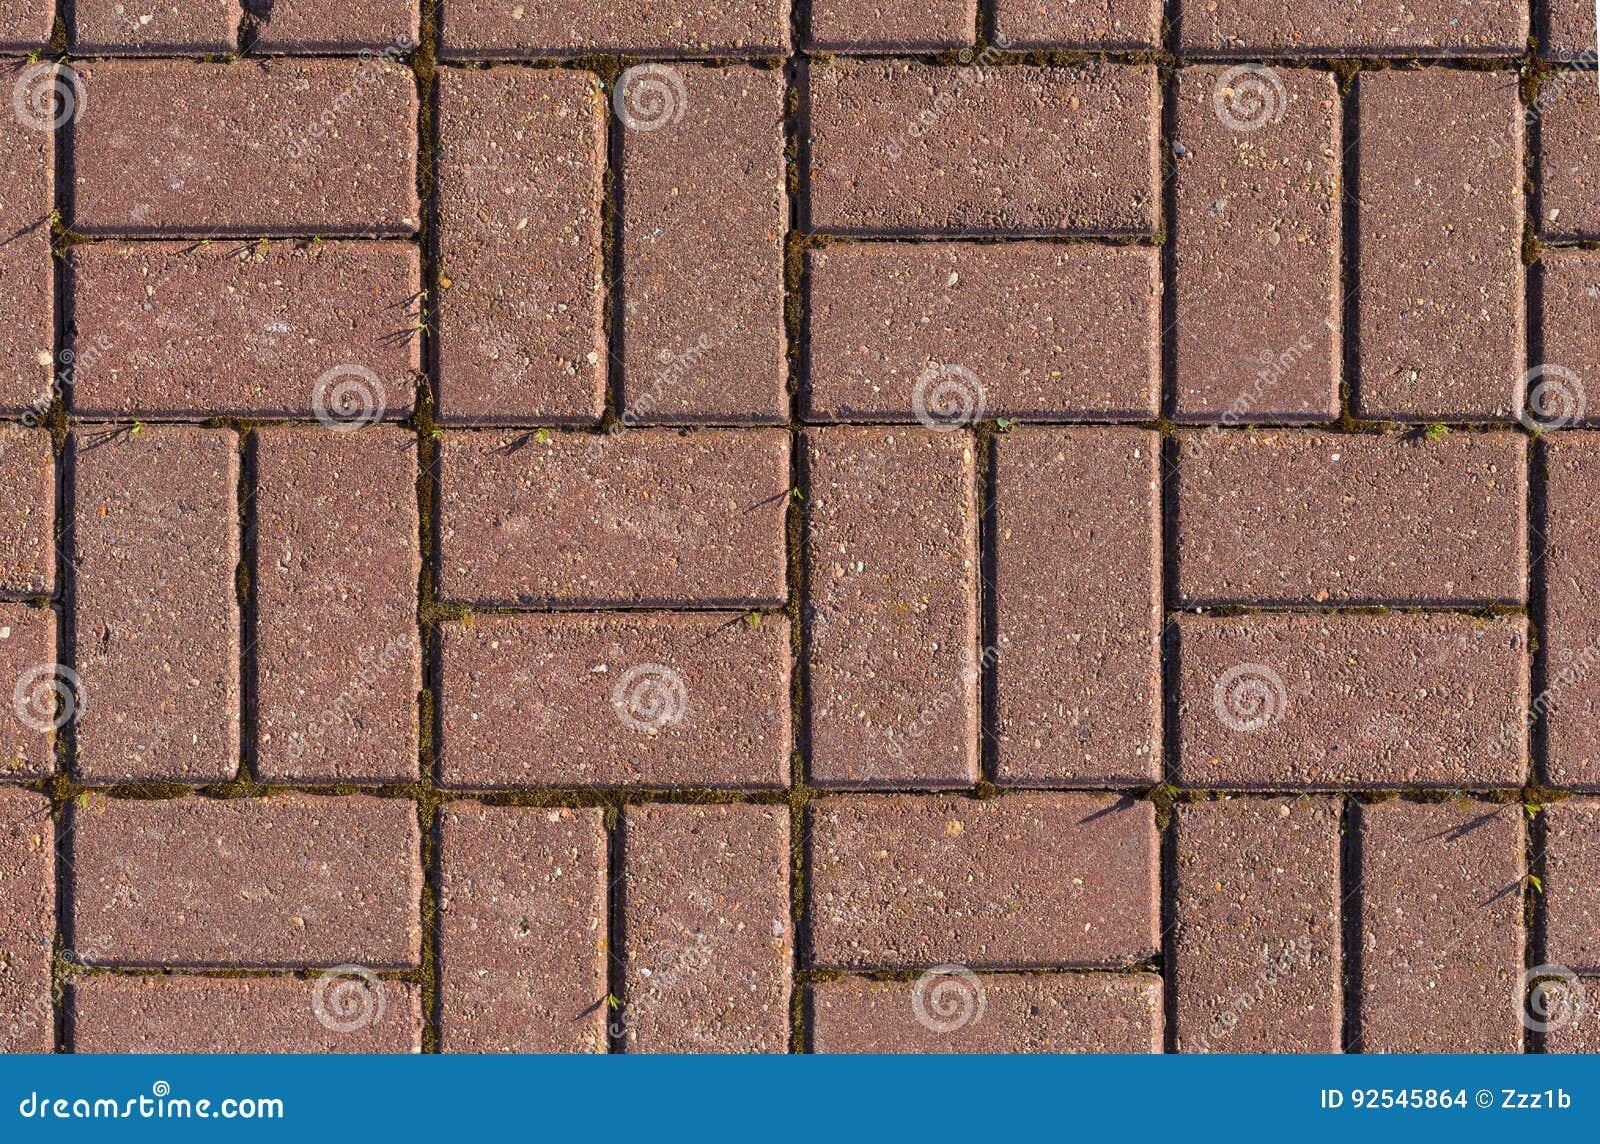 Fußboden Aus Backsteinen ~ Bodenbeschaffenheit der roten backsteine mit moos stockfoto bild